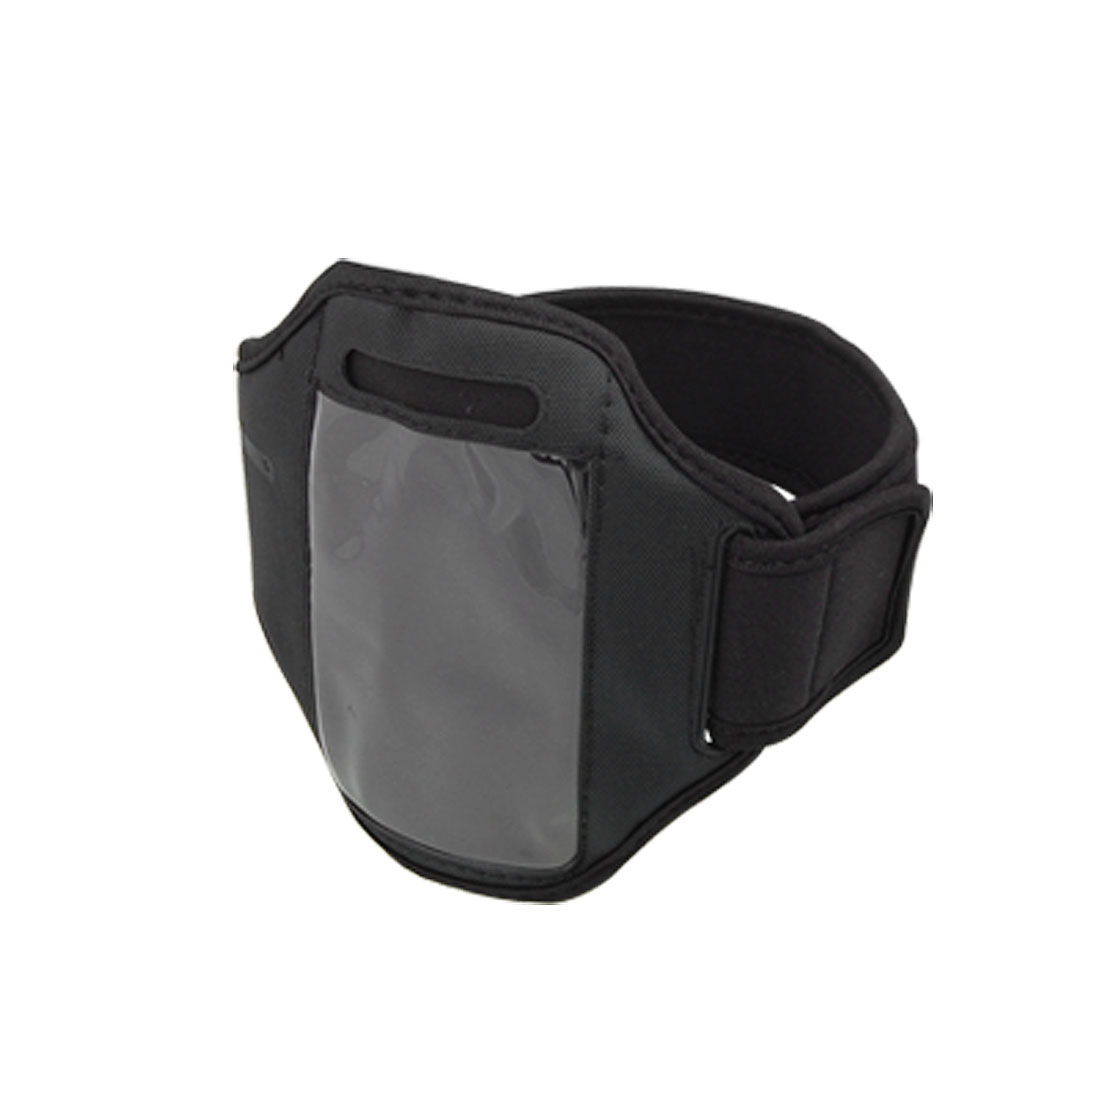 Black Adjustable Neoprene Armband Holder for Cell Phone